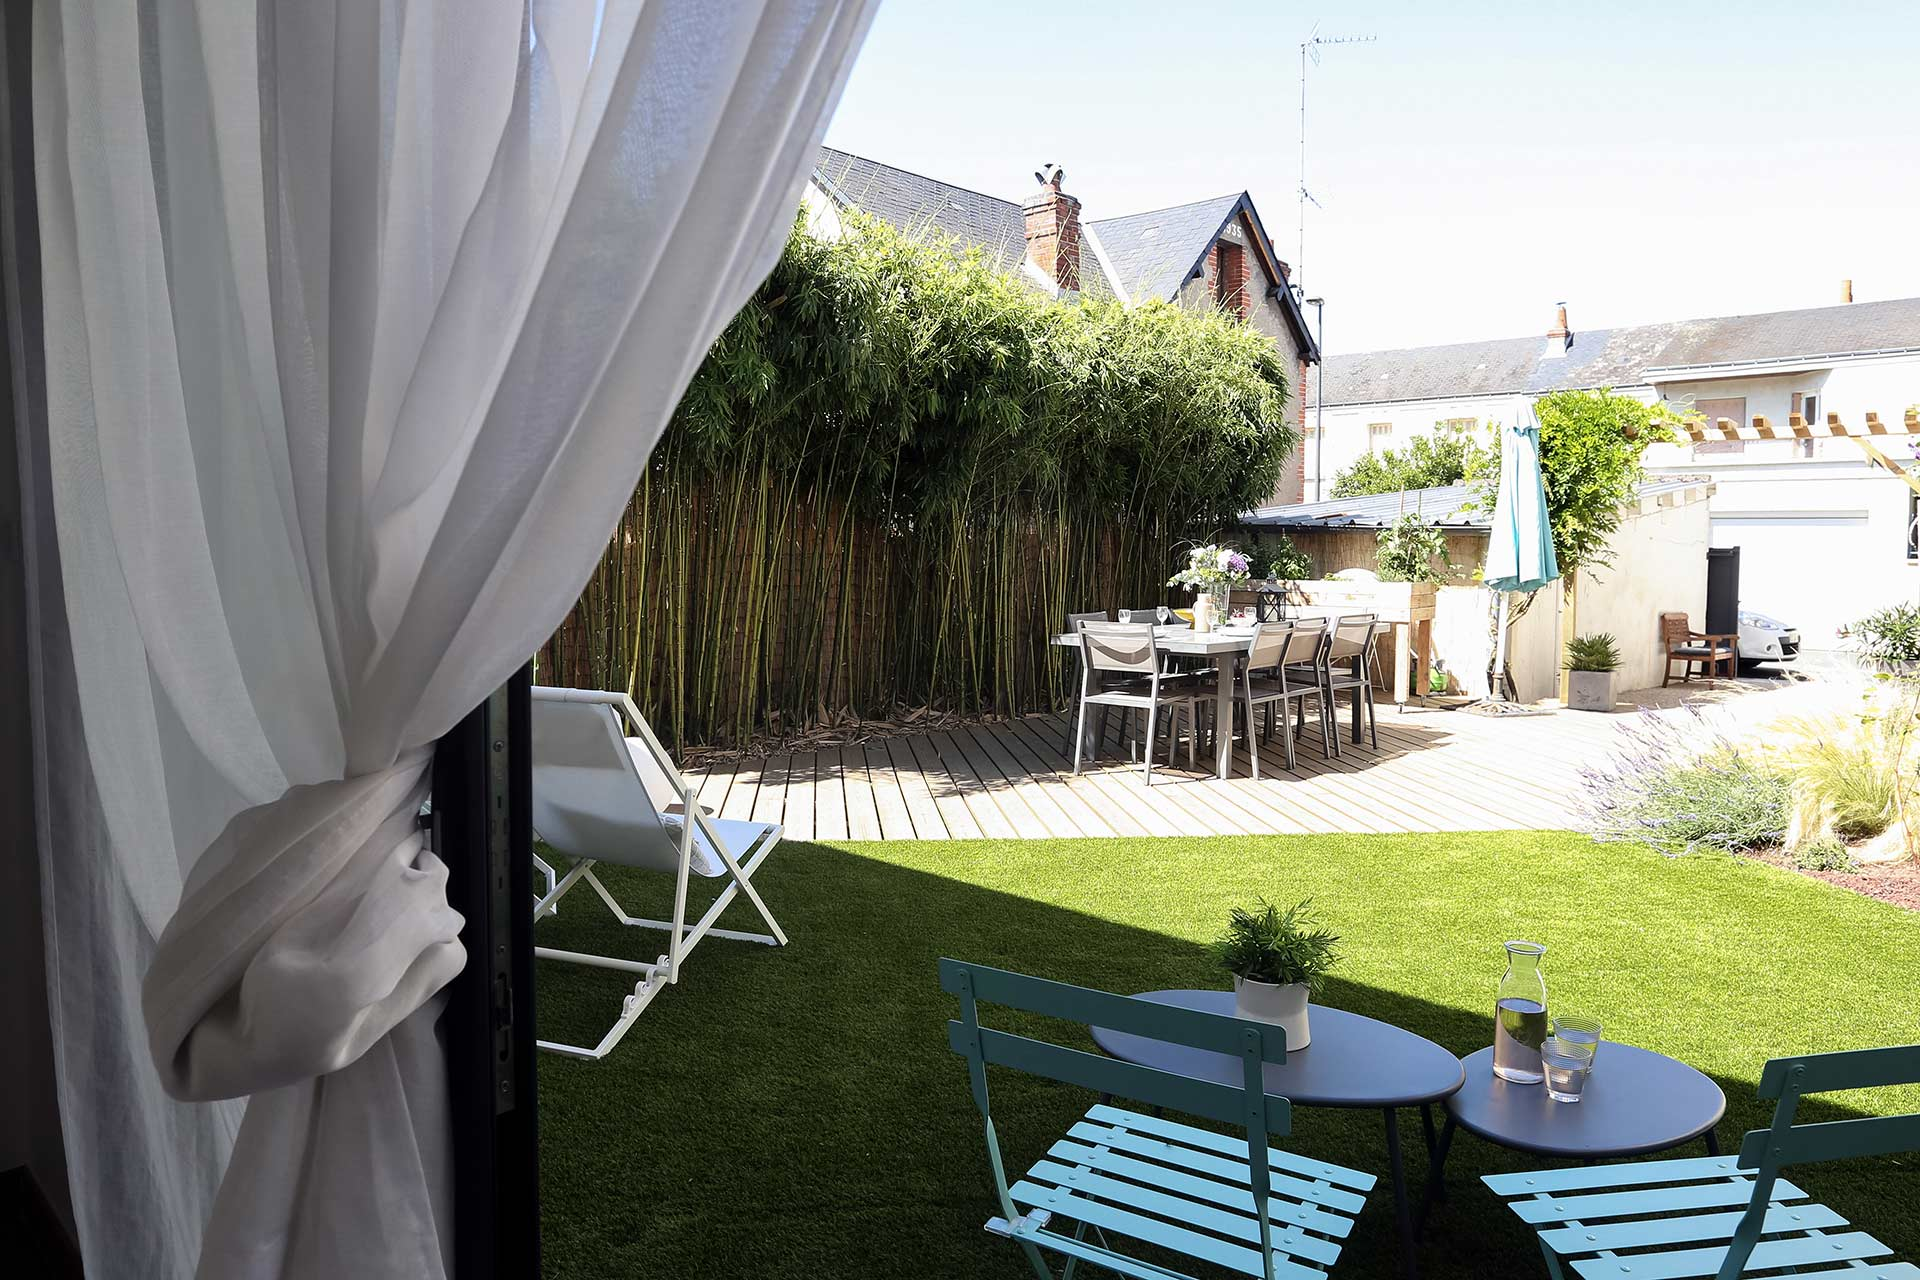 Entreprise du paysage, Serrault Jardins réalise des jardins sur-mesure dans diverses communes comme Chateau-Renault.